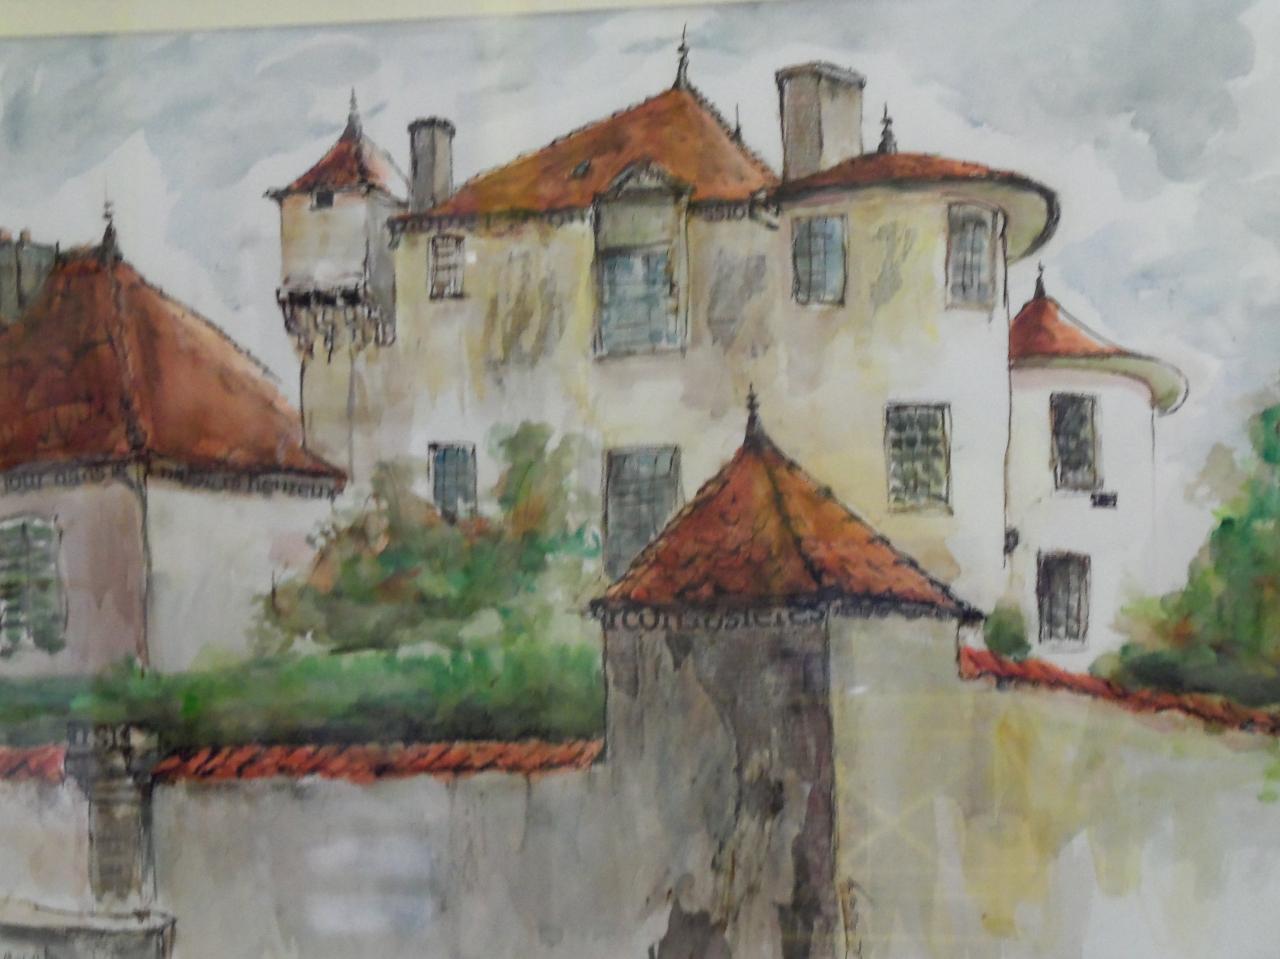 boucq (le château)